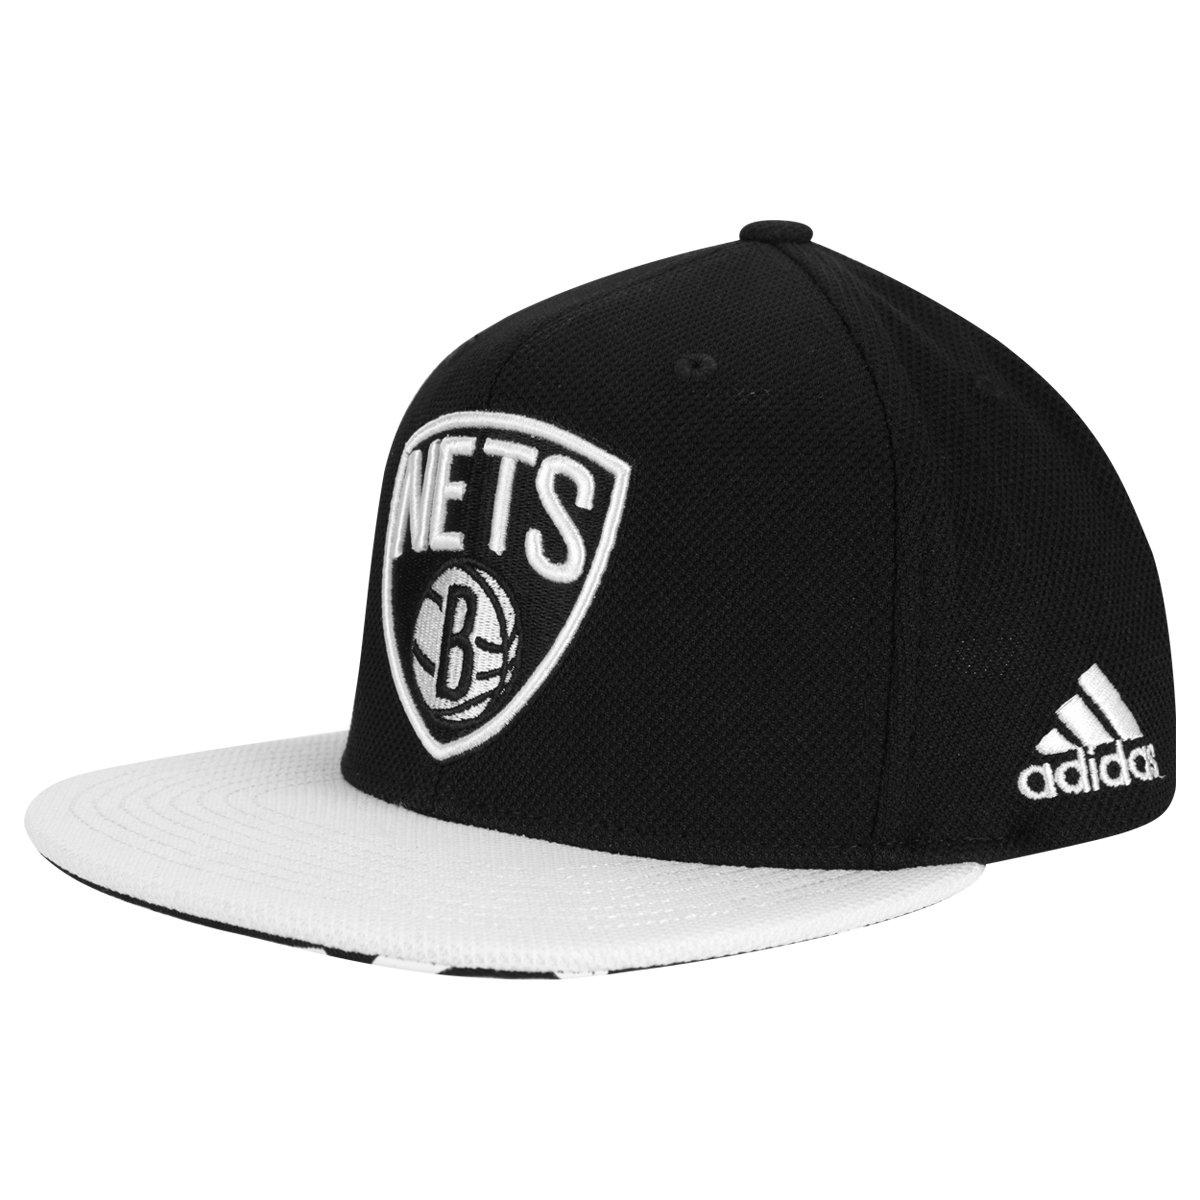 Boné Adidas Flat NBA Brooklyn Nets